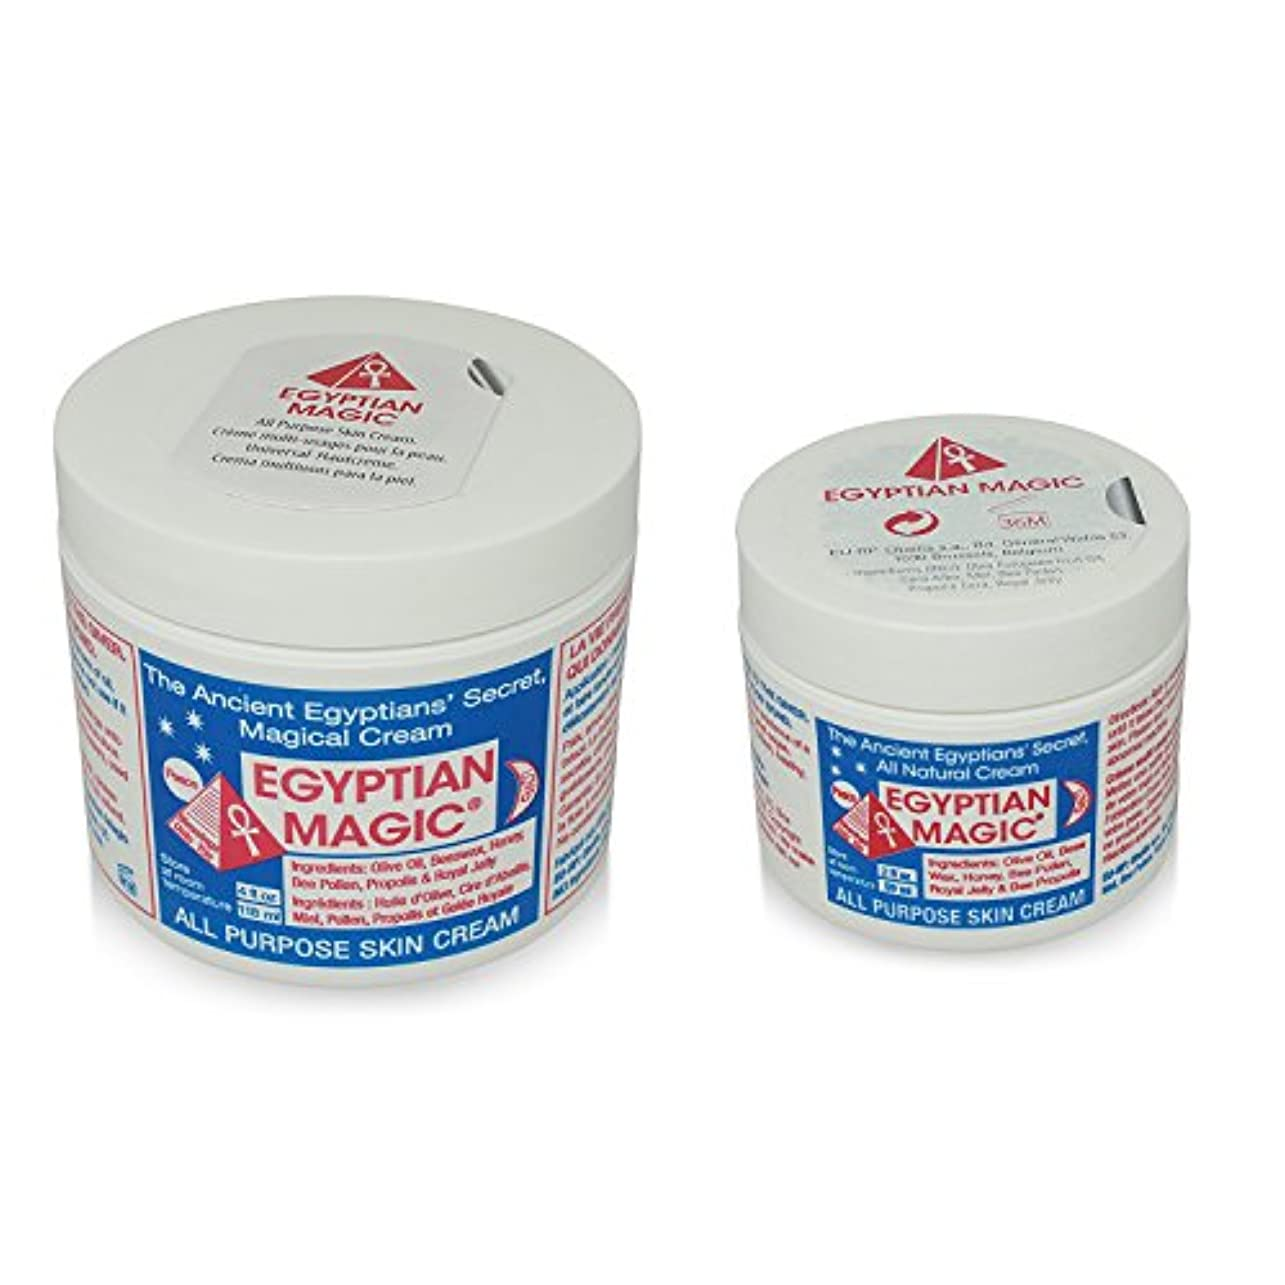 出しますなぜ困難Egyptian Magic Skin Cream エジプシャンマジッククリーム  (118ml)と(59ml)の2個セット